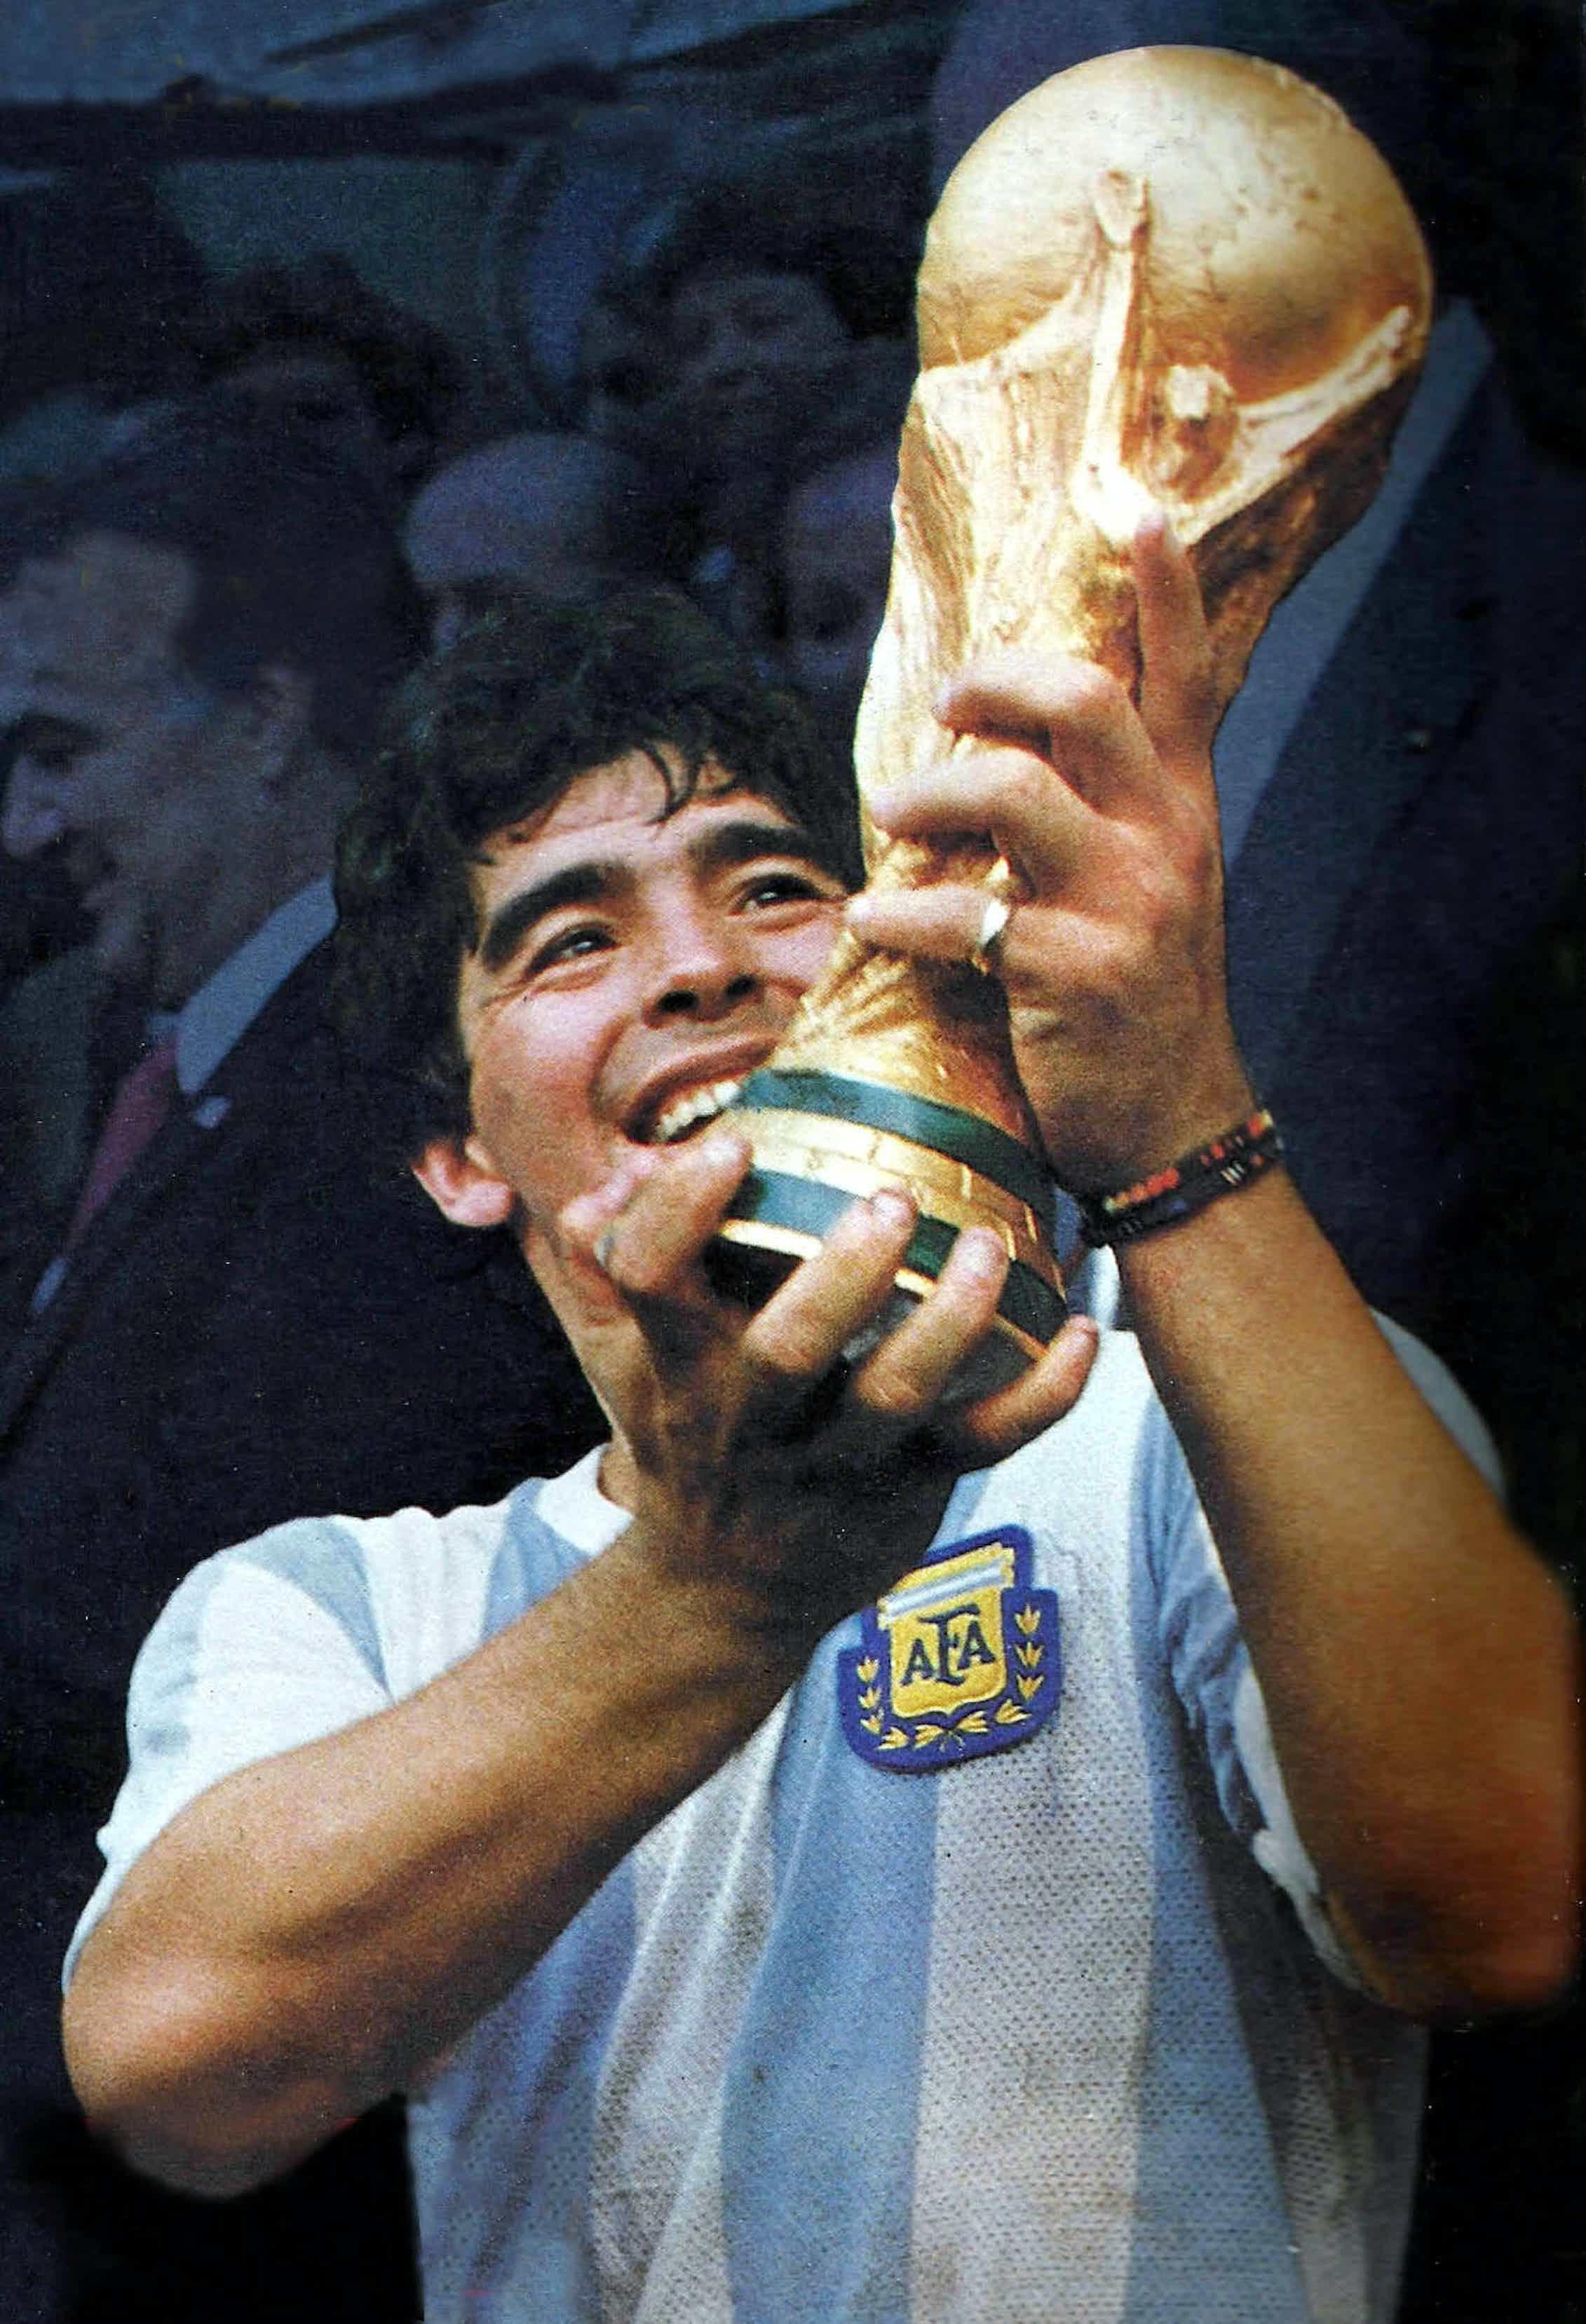 Maradona sostiene la Copa del Mundo de México 1986.Wikimedia Commons / Revista El Gráfico